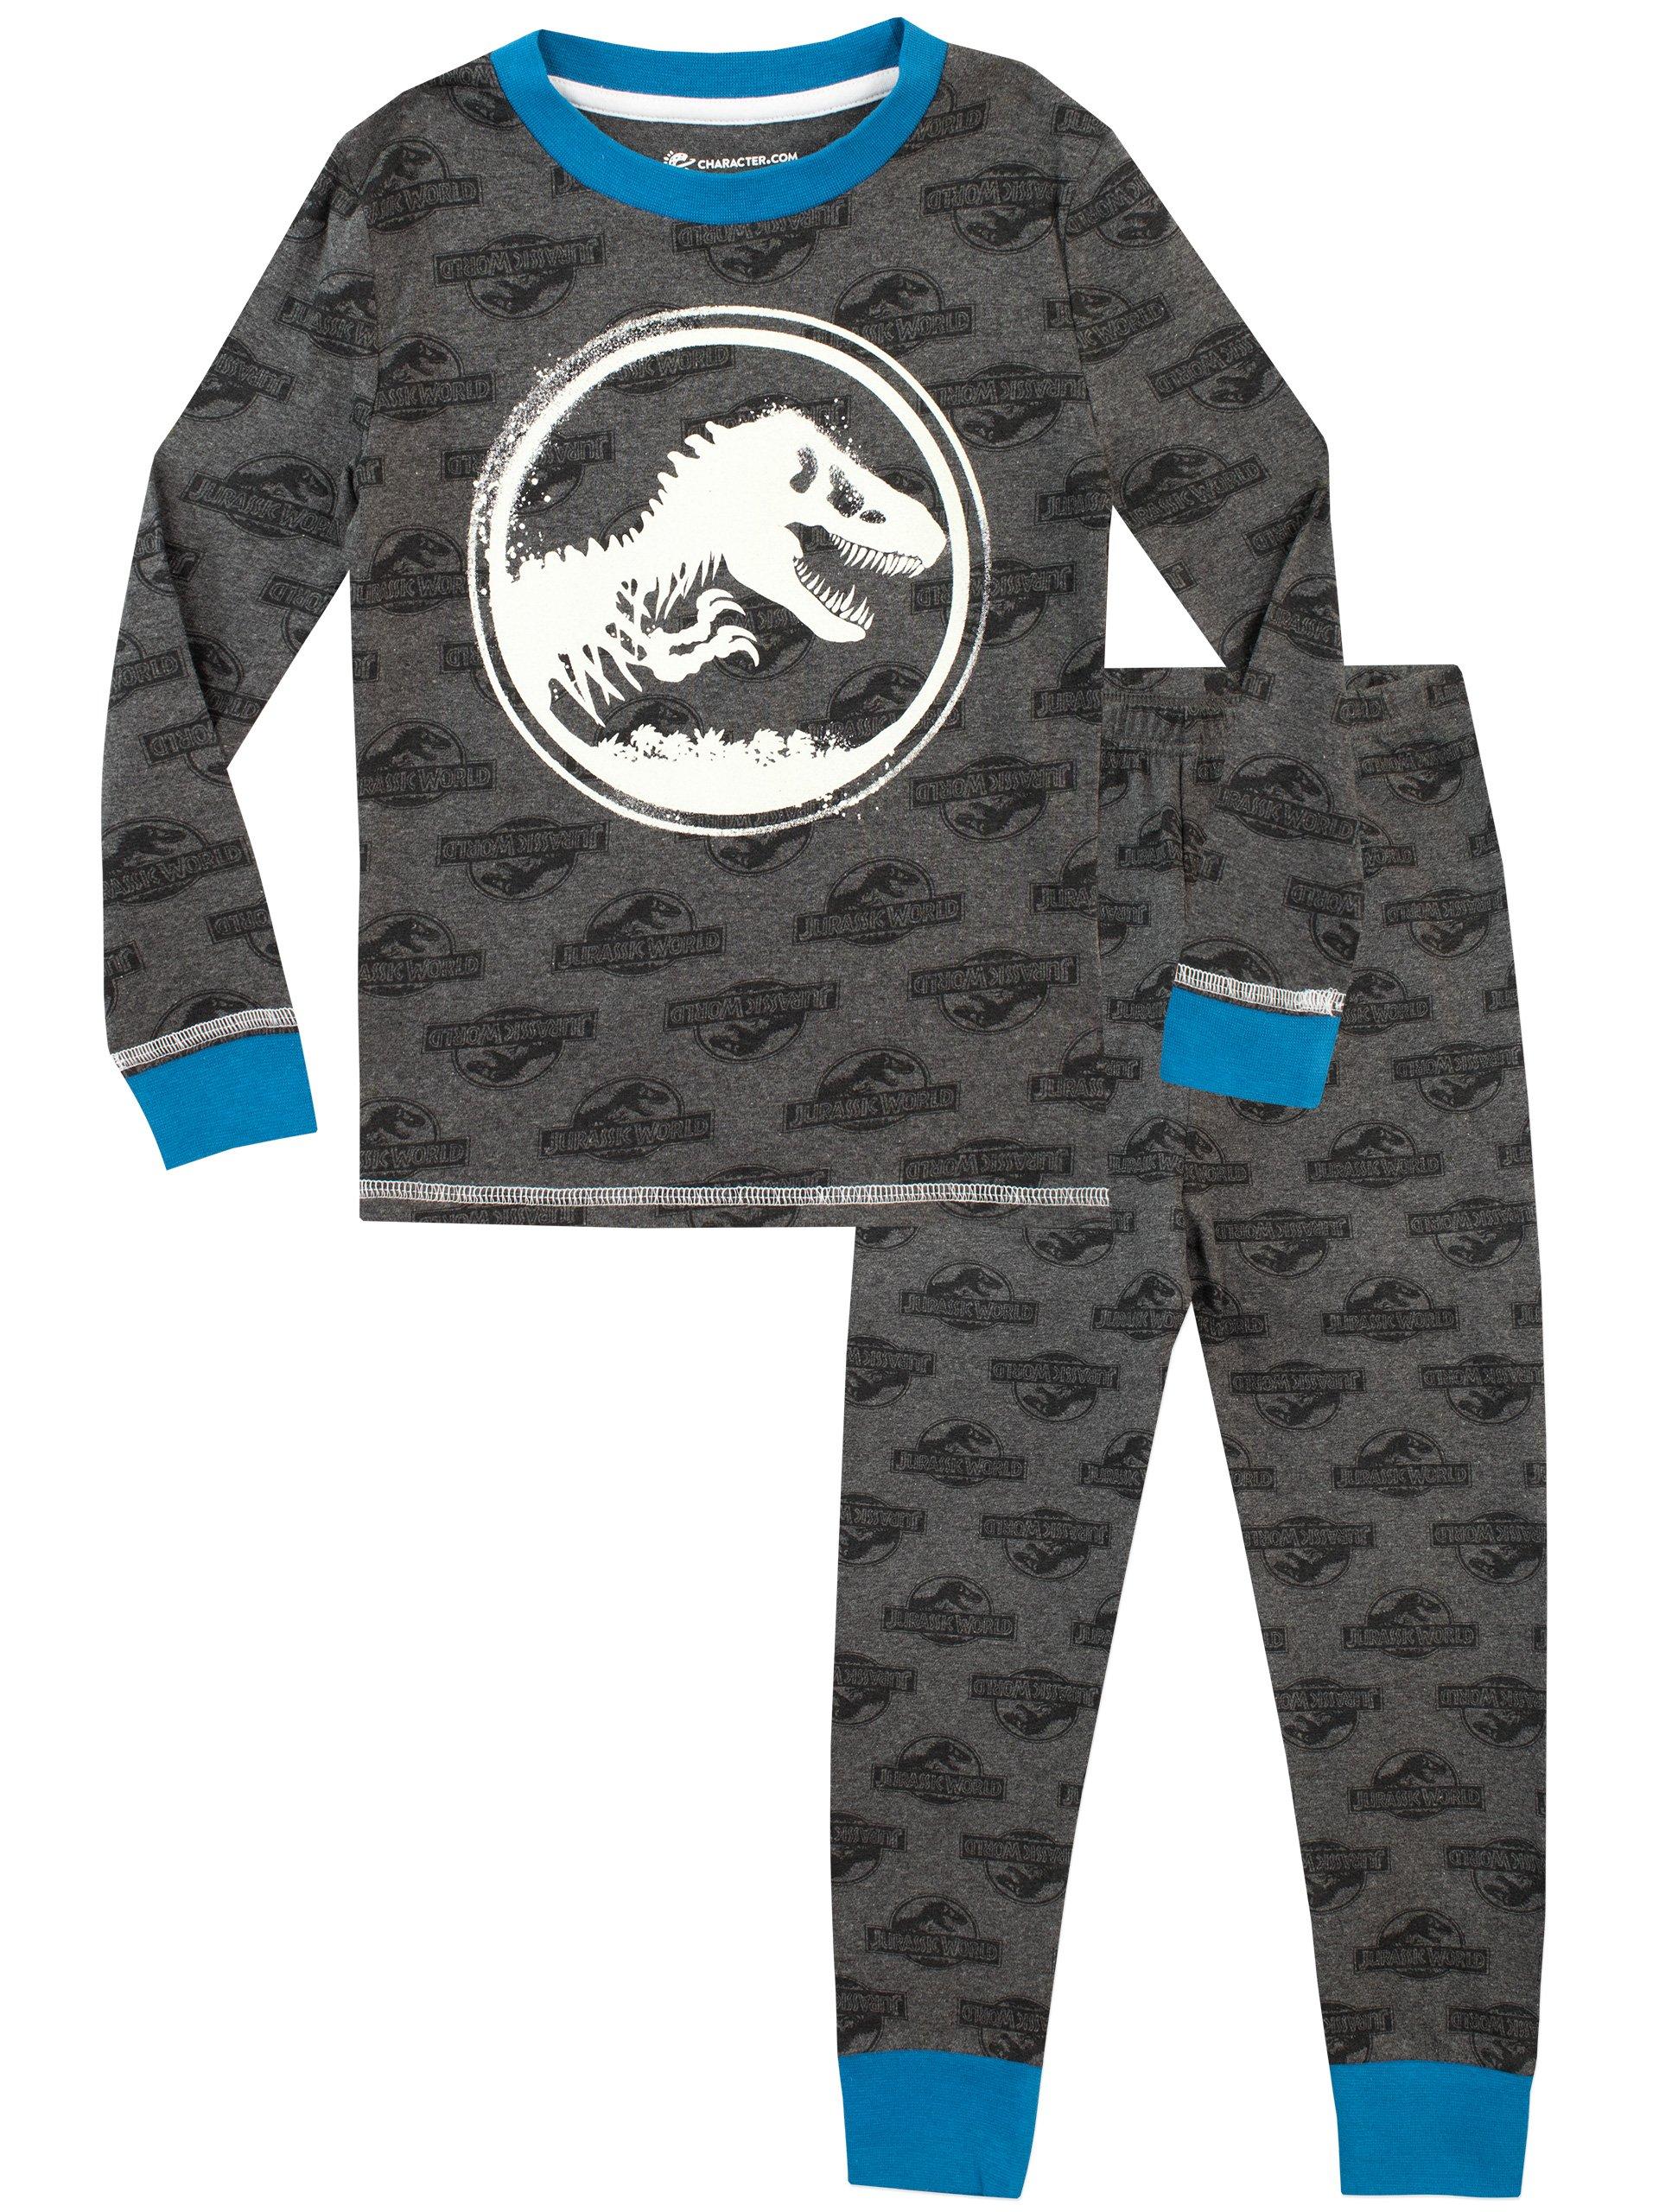 2abab1f54 Pijama para Niños que Brilla en la Oscuridad Jurassic World